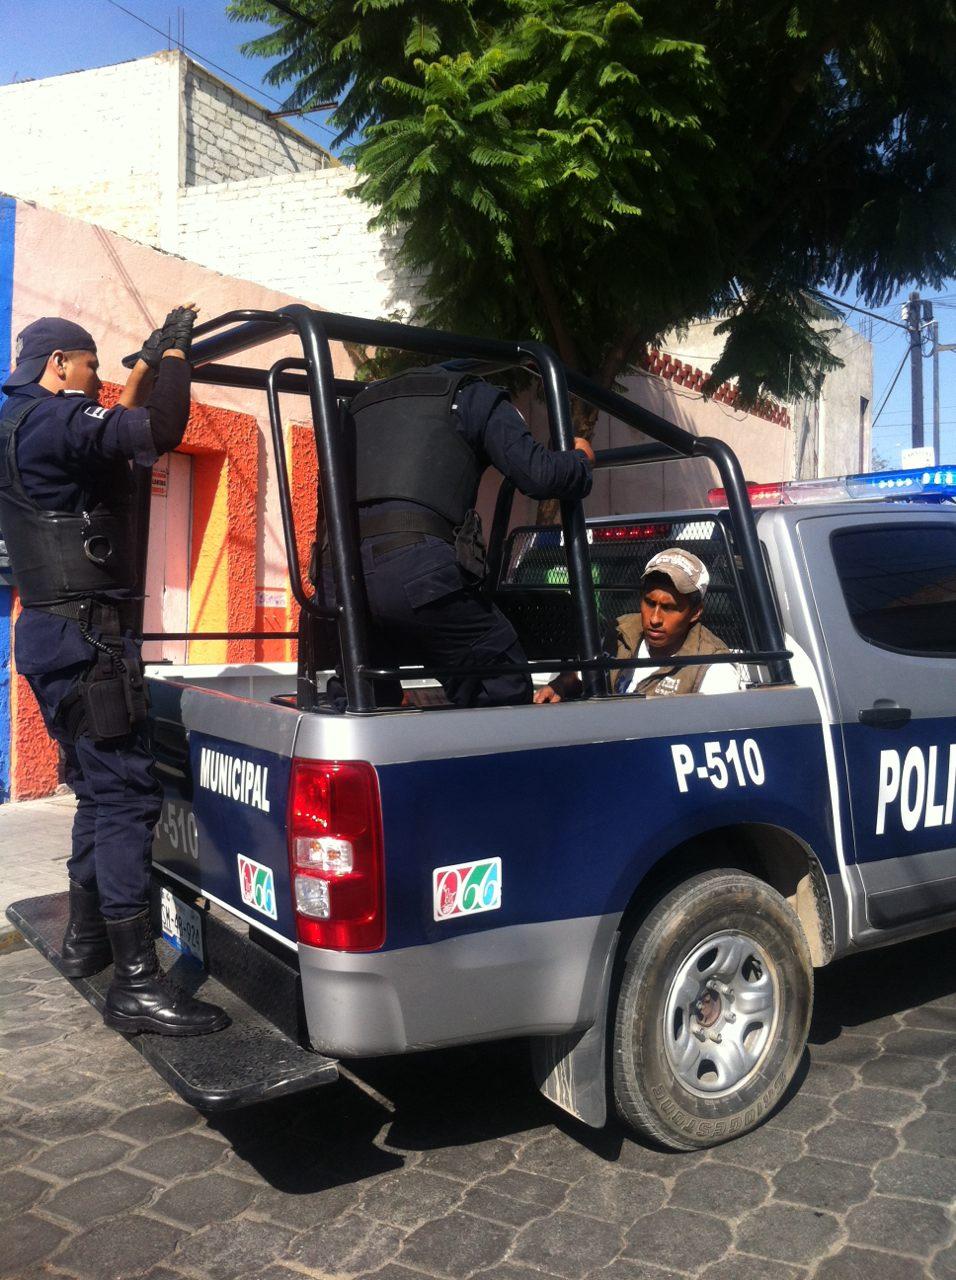 El desalojo de la Policía Municipal, dejó varios detenidos